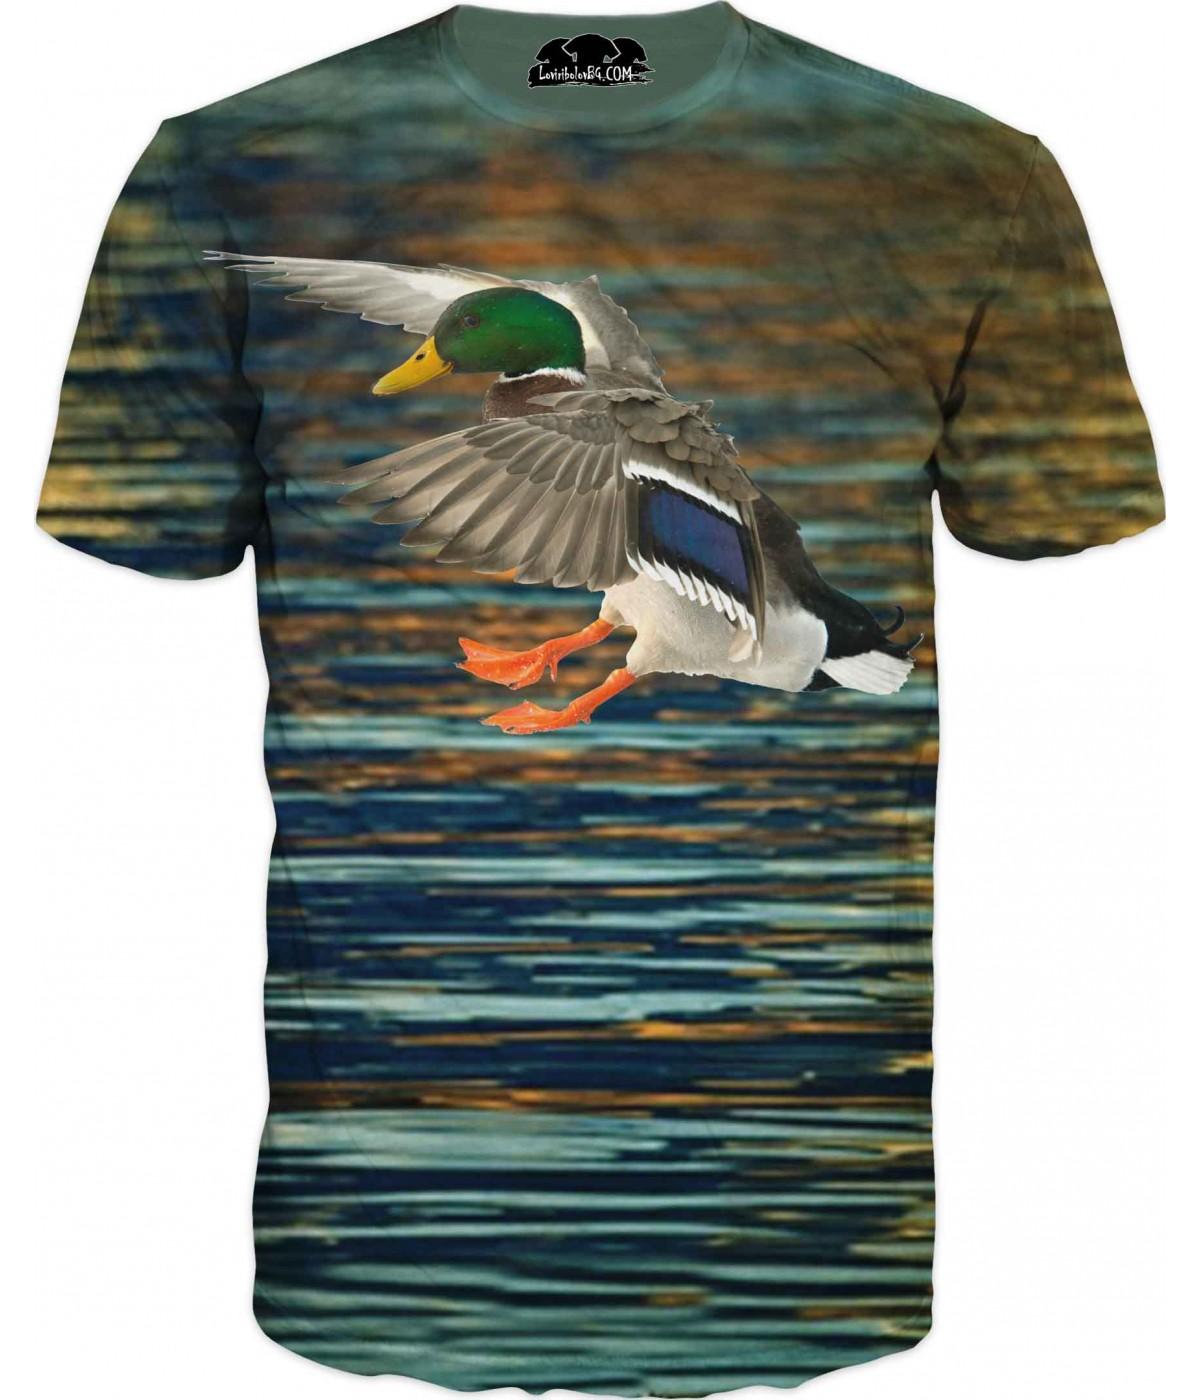 Ловна тениска - зеленоглава патица във вода